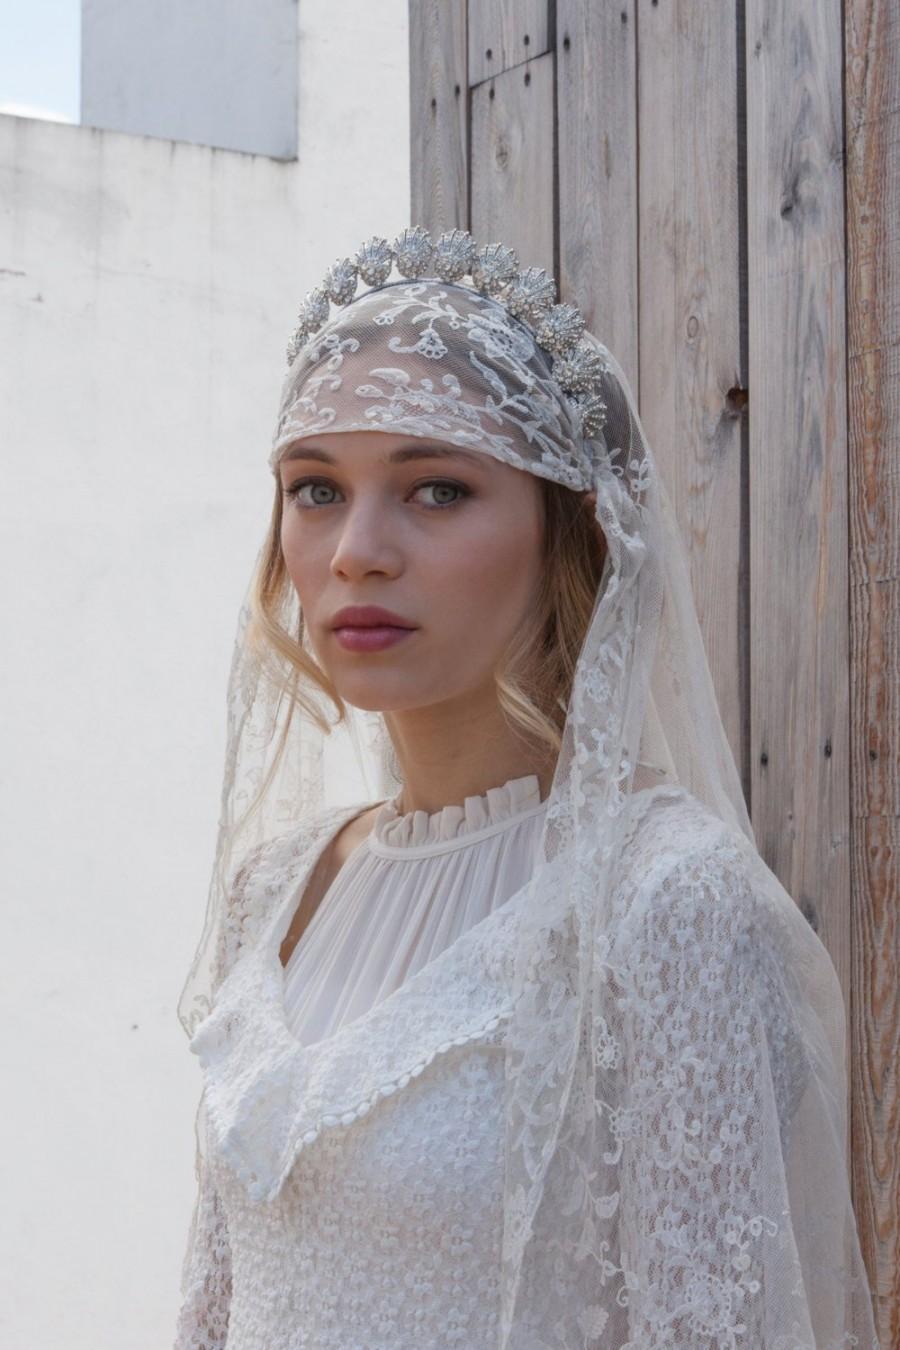 زفاف - Antique Wedding veil - Vintage lace veil - Bohemian headpiece -Dramatic Headpiece  and veil - Agnes Hart UK